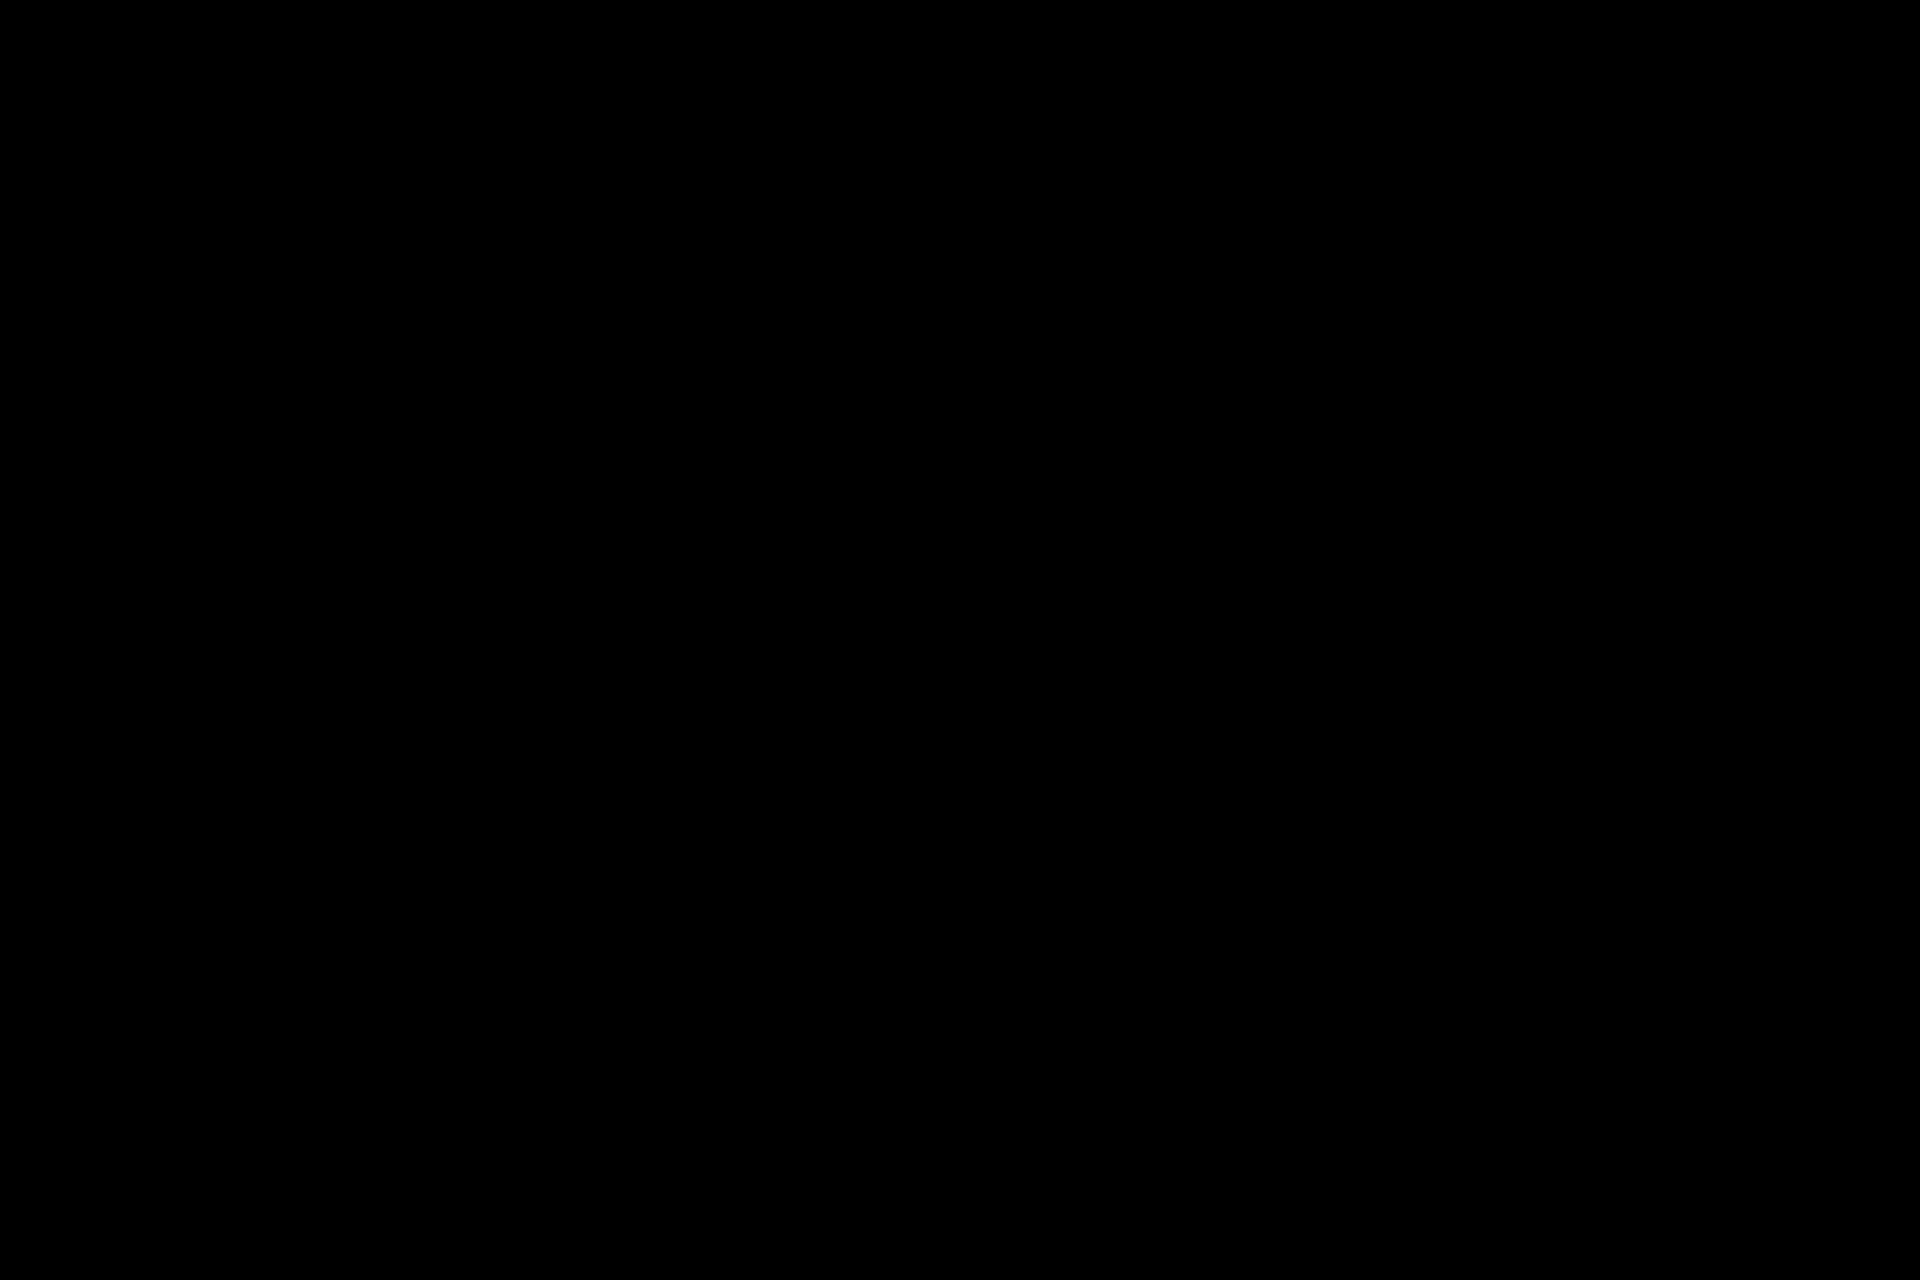 mt-sample-background